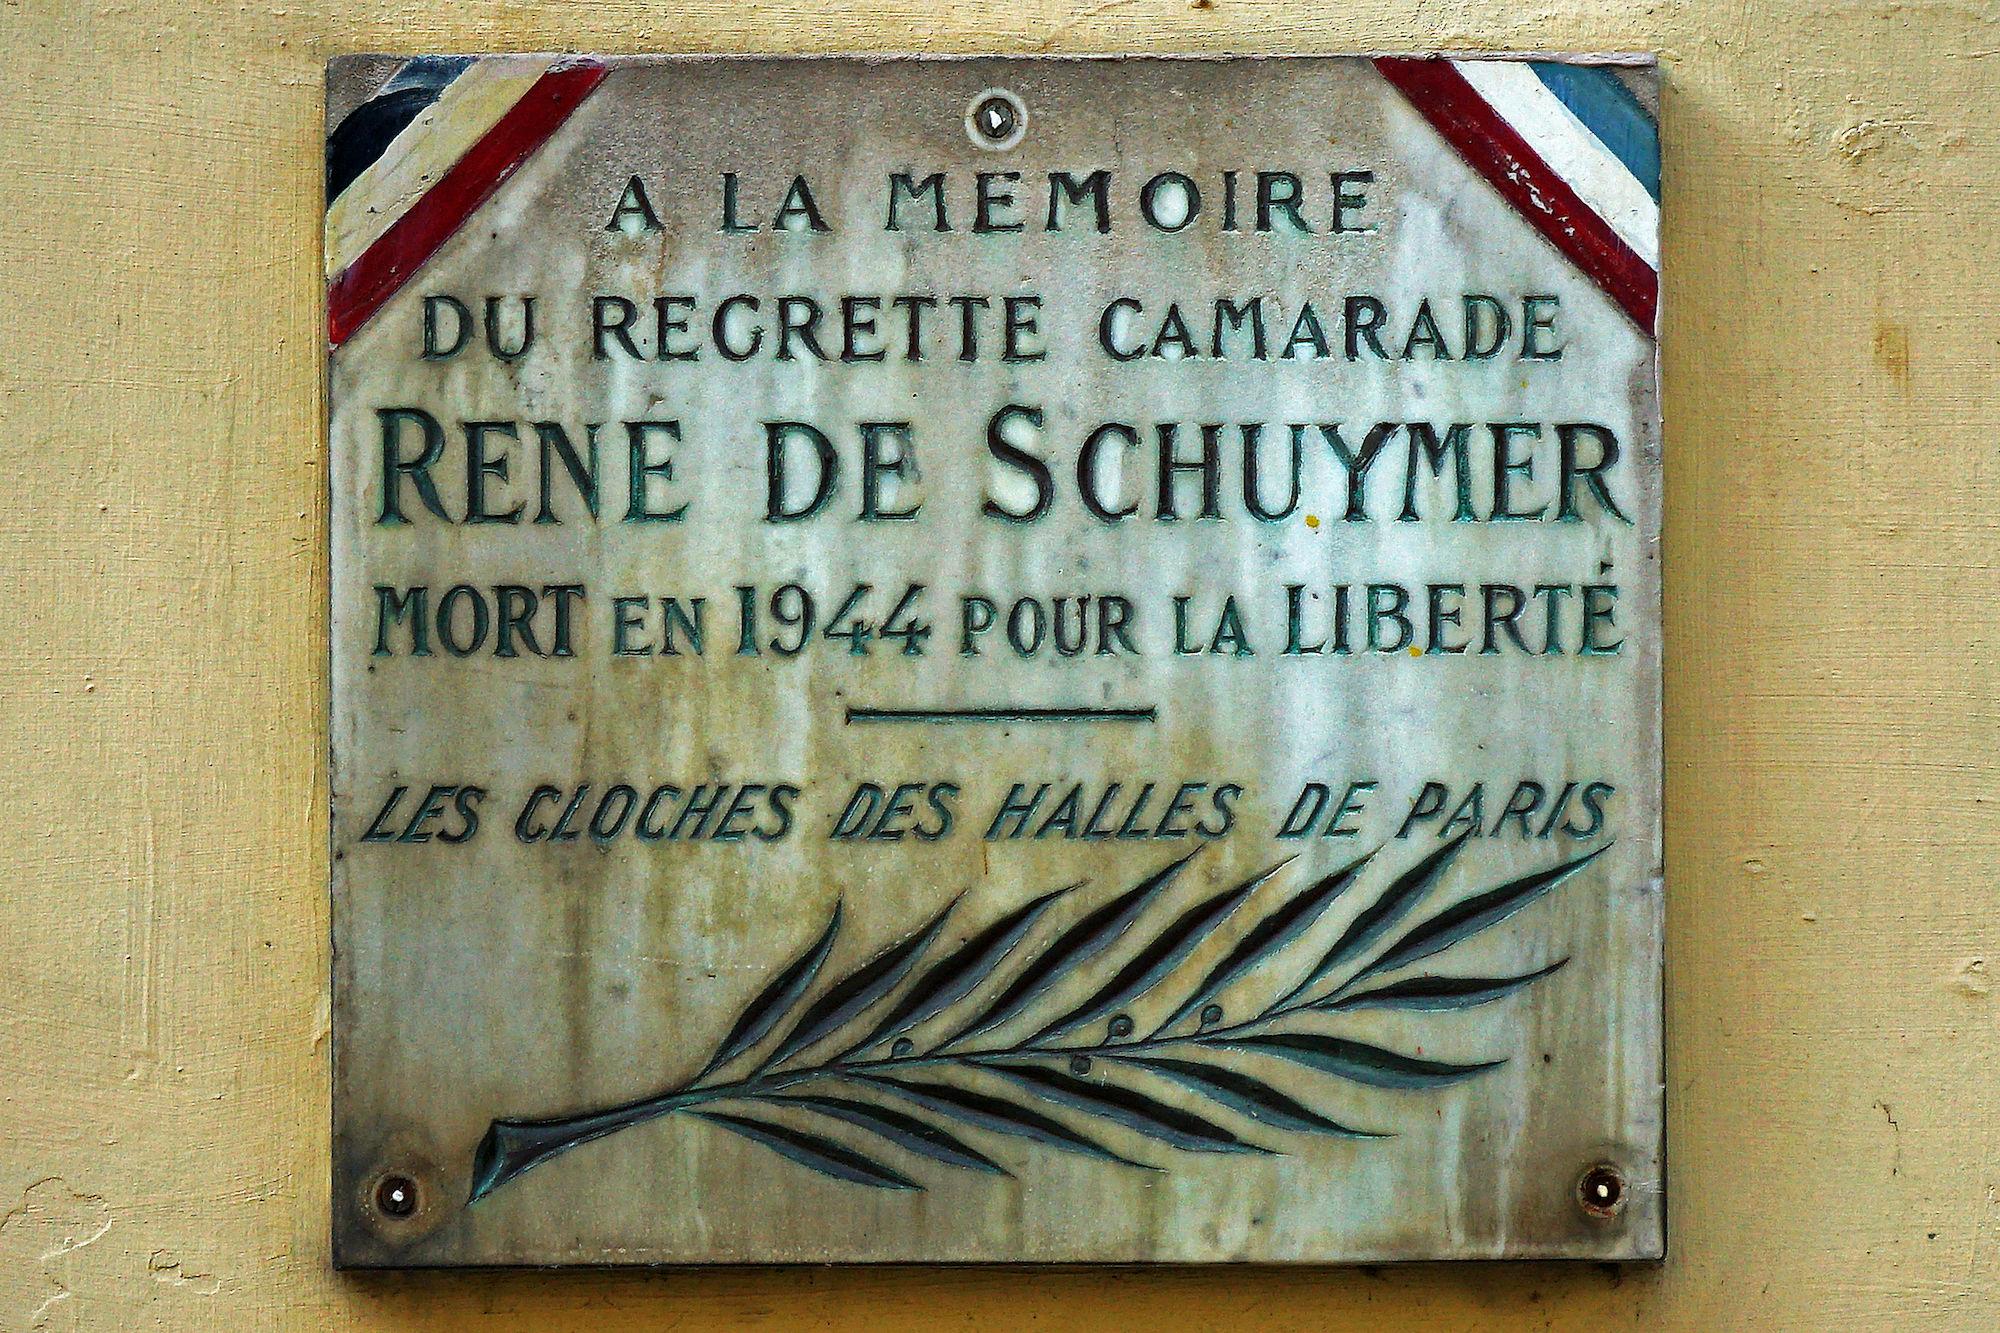 Gedenkplaat - René de Schuymer